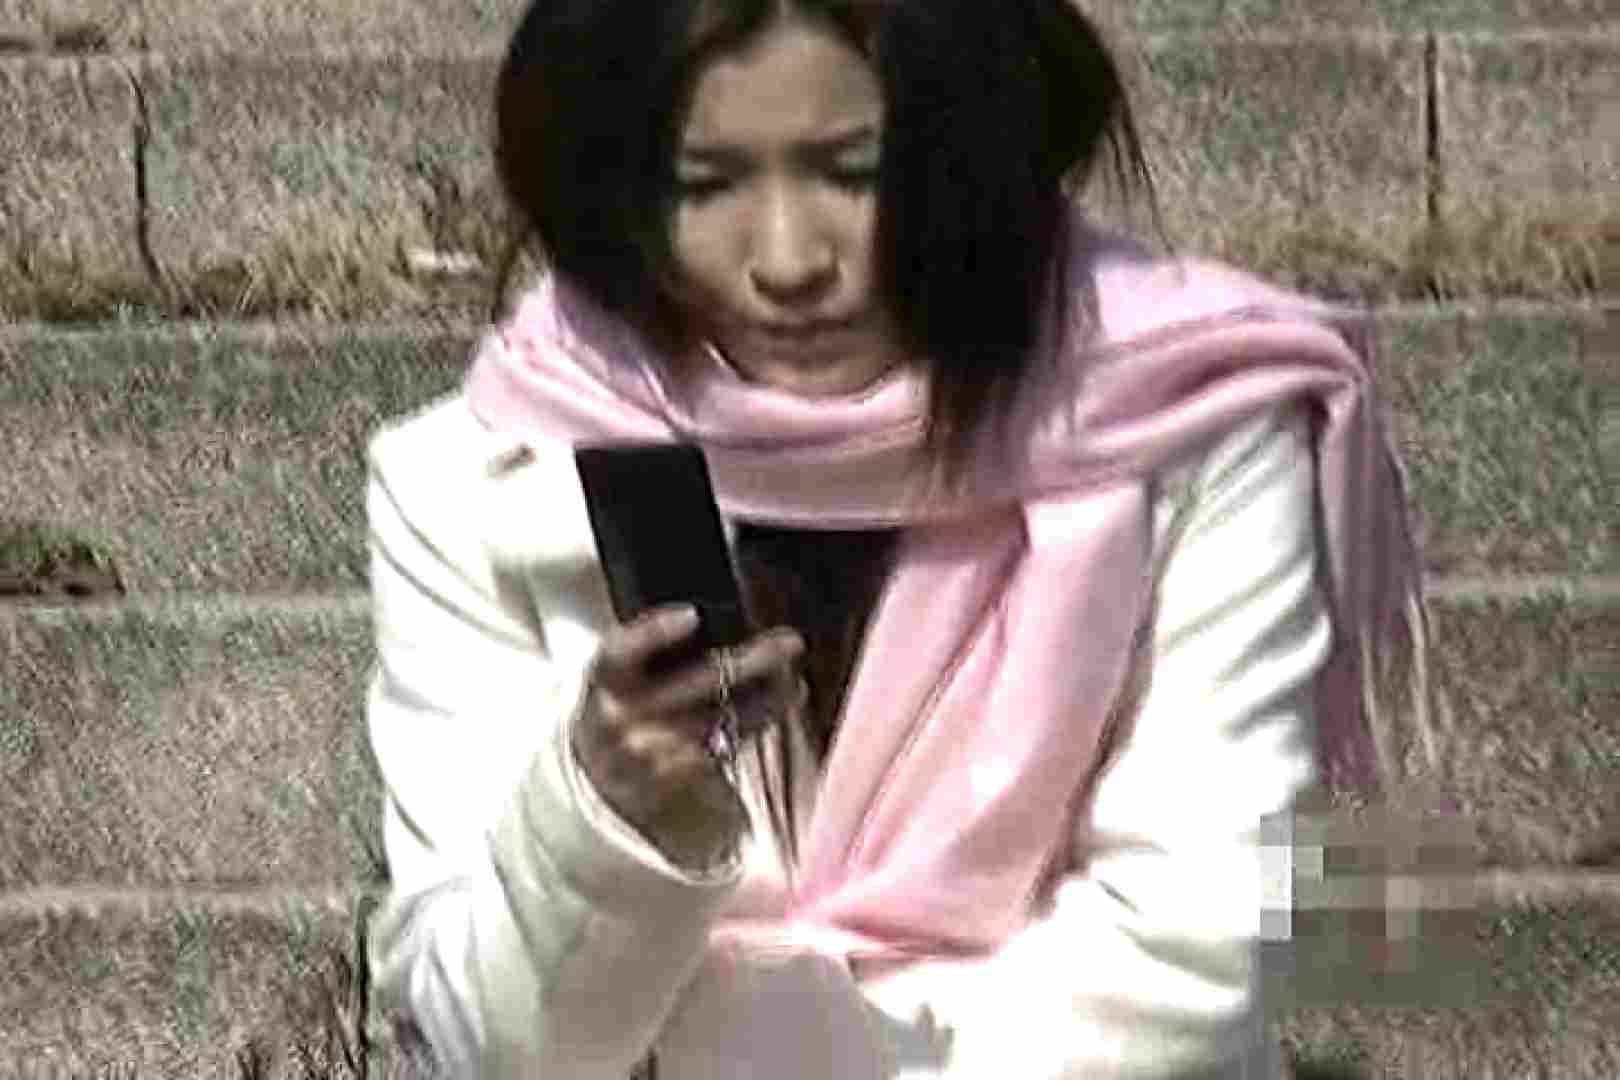 マンチラインパクトVol.6 ミニスカート 覗きワレメ動画紹介 78画像 9